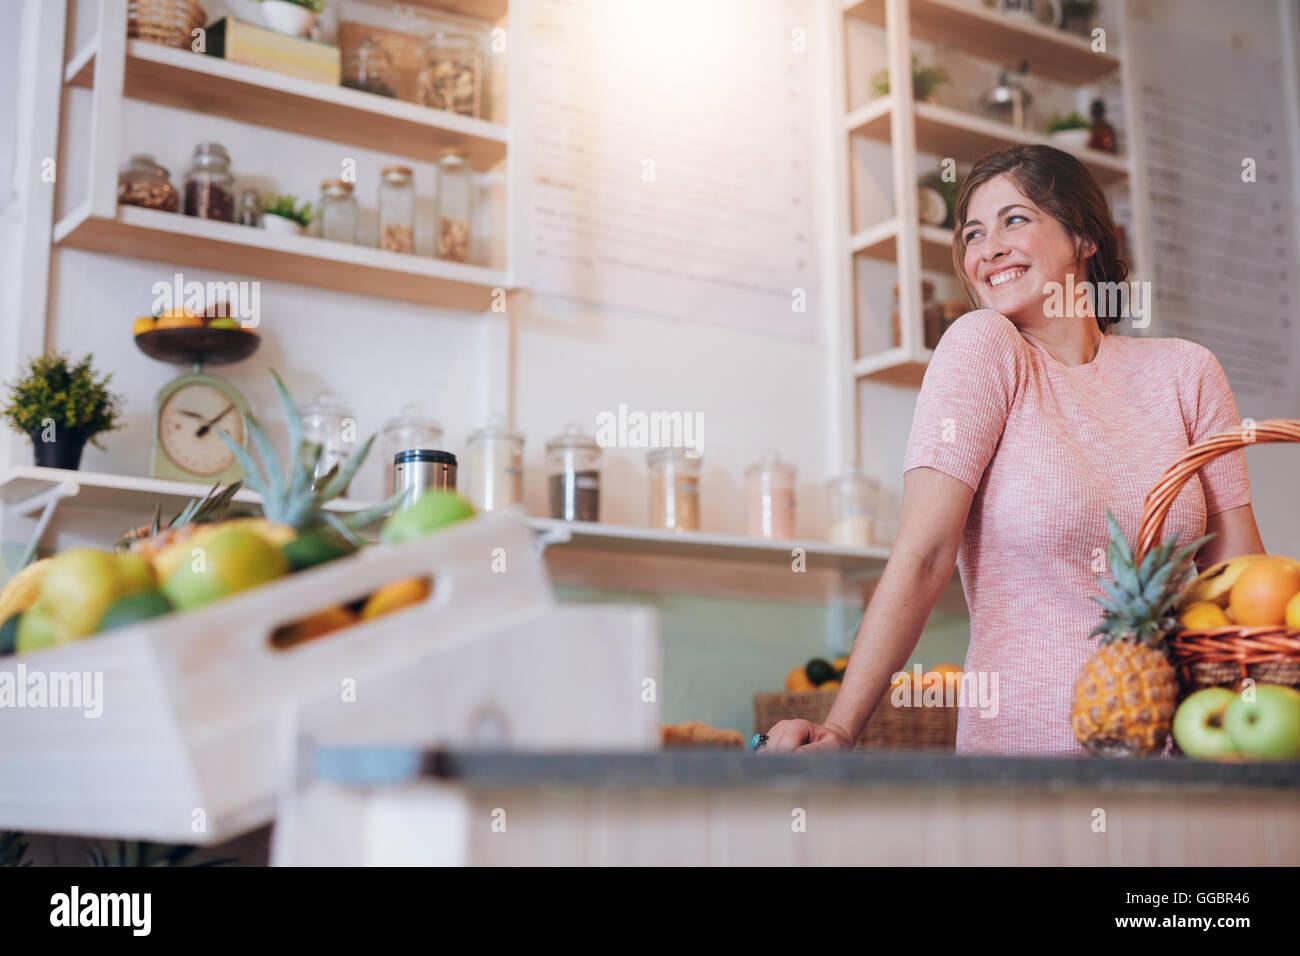 Ritratto di giovane e bella donna in piedi dietro il bancone del suo bar con succhi. Femmina caucasica lavorando Immagini Stock